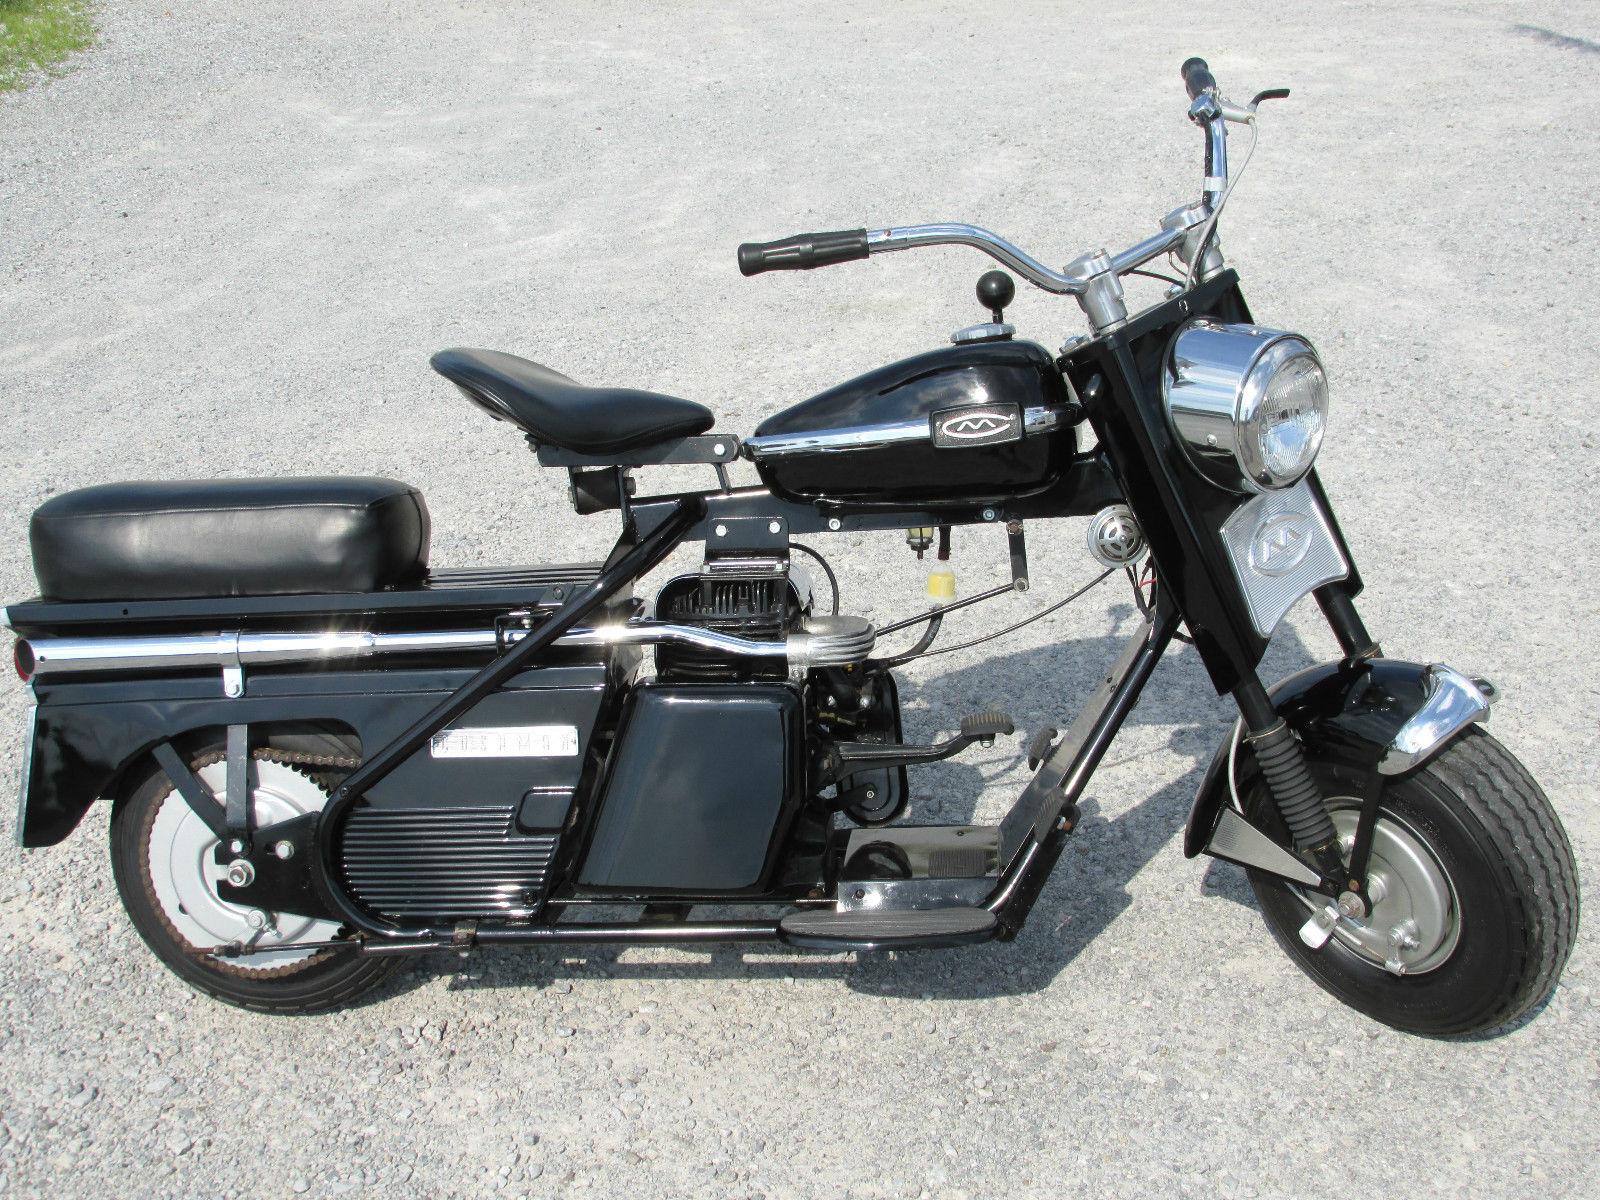 מצטיין Awesome Cushman Super Eagle Scooter Black and Chrome! Baby Harley JQ-72